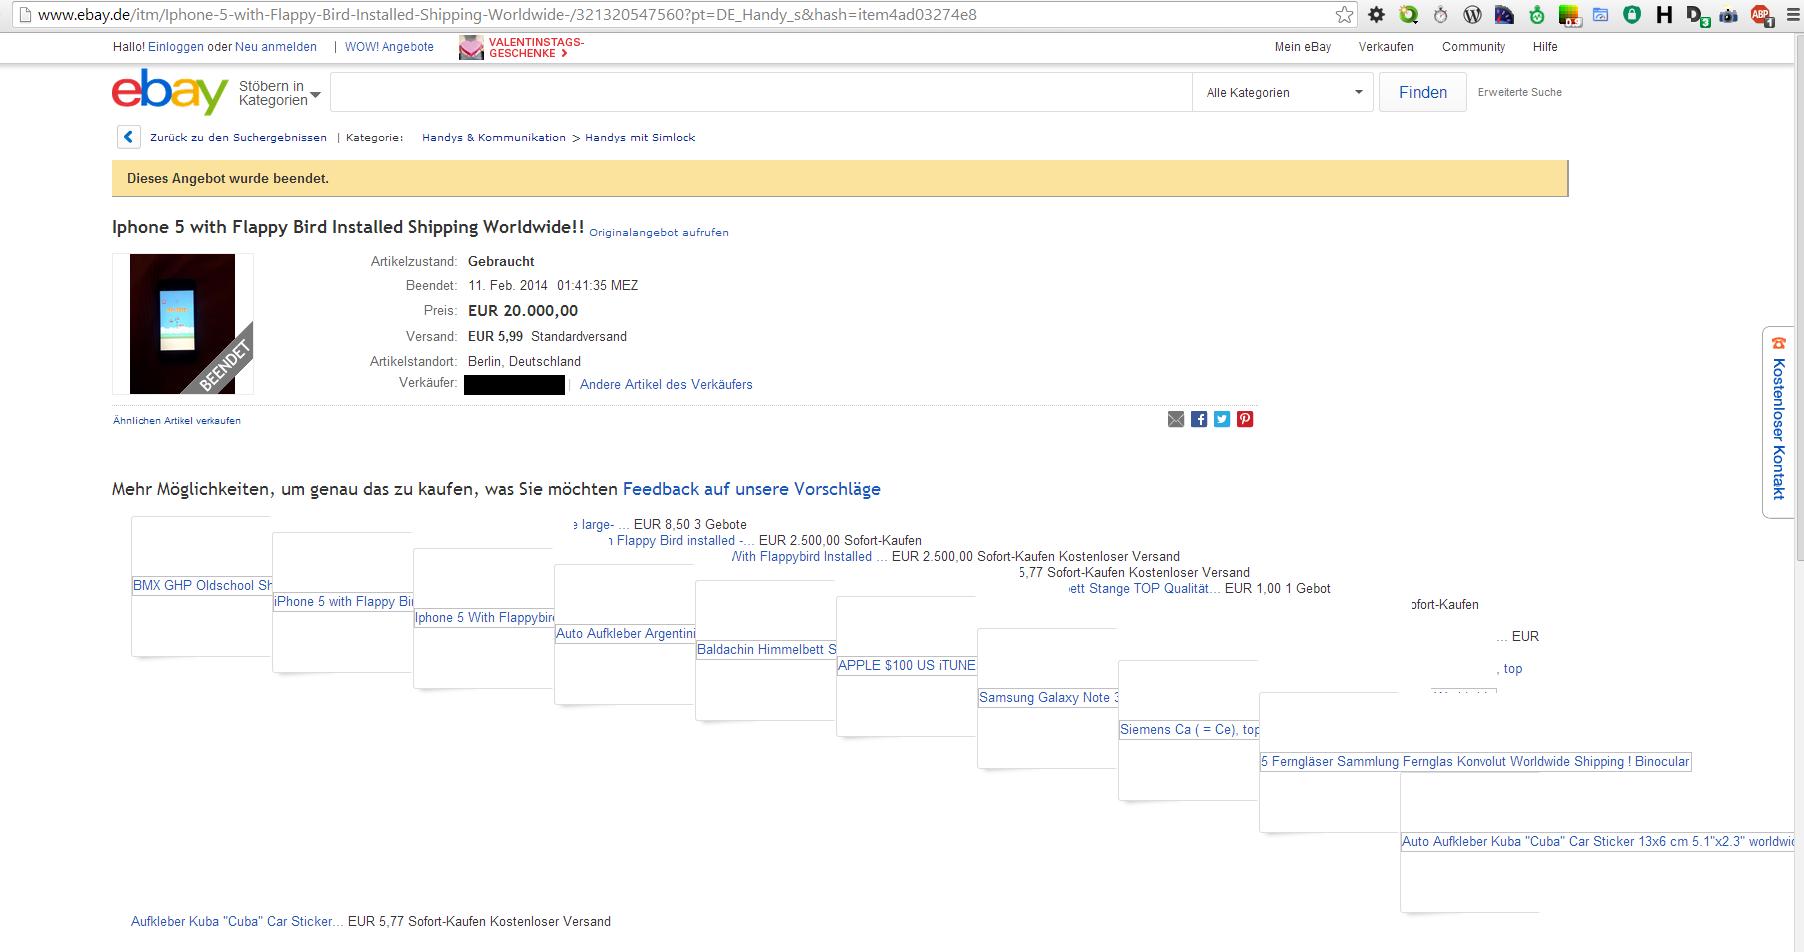 ebay.de Bildergalerie kaputt